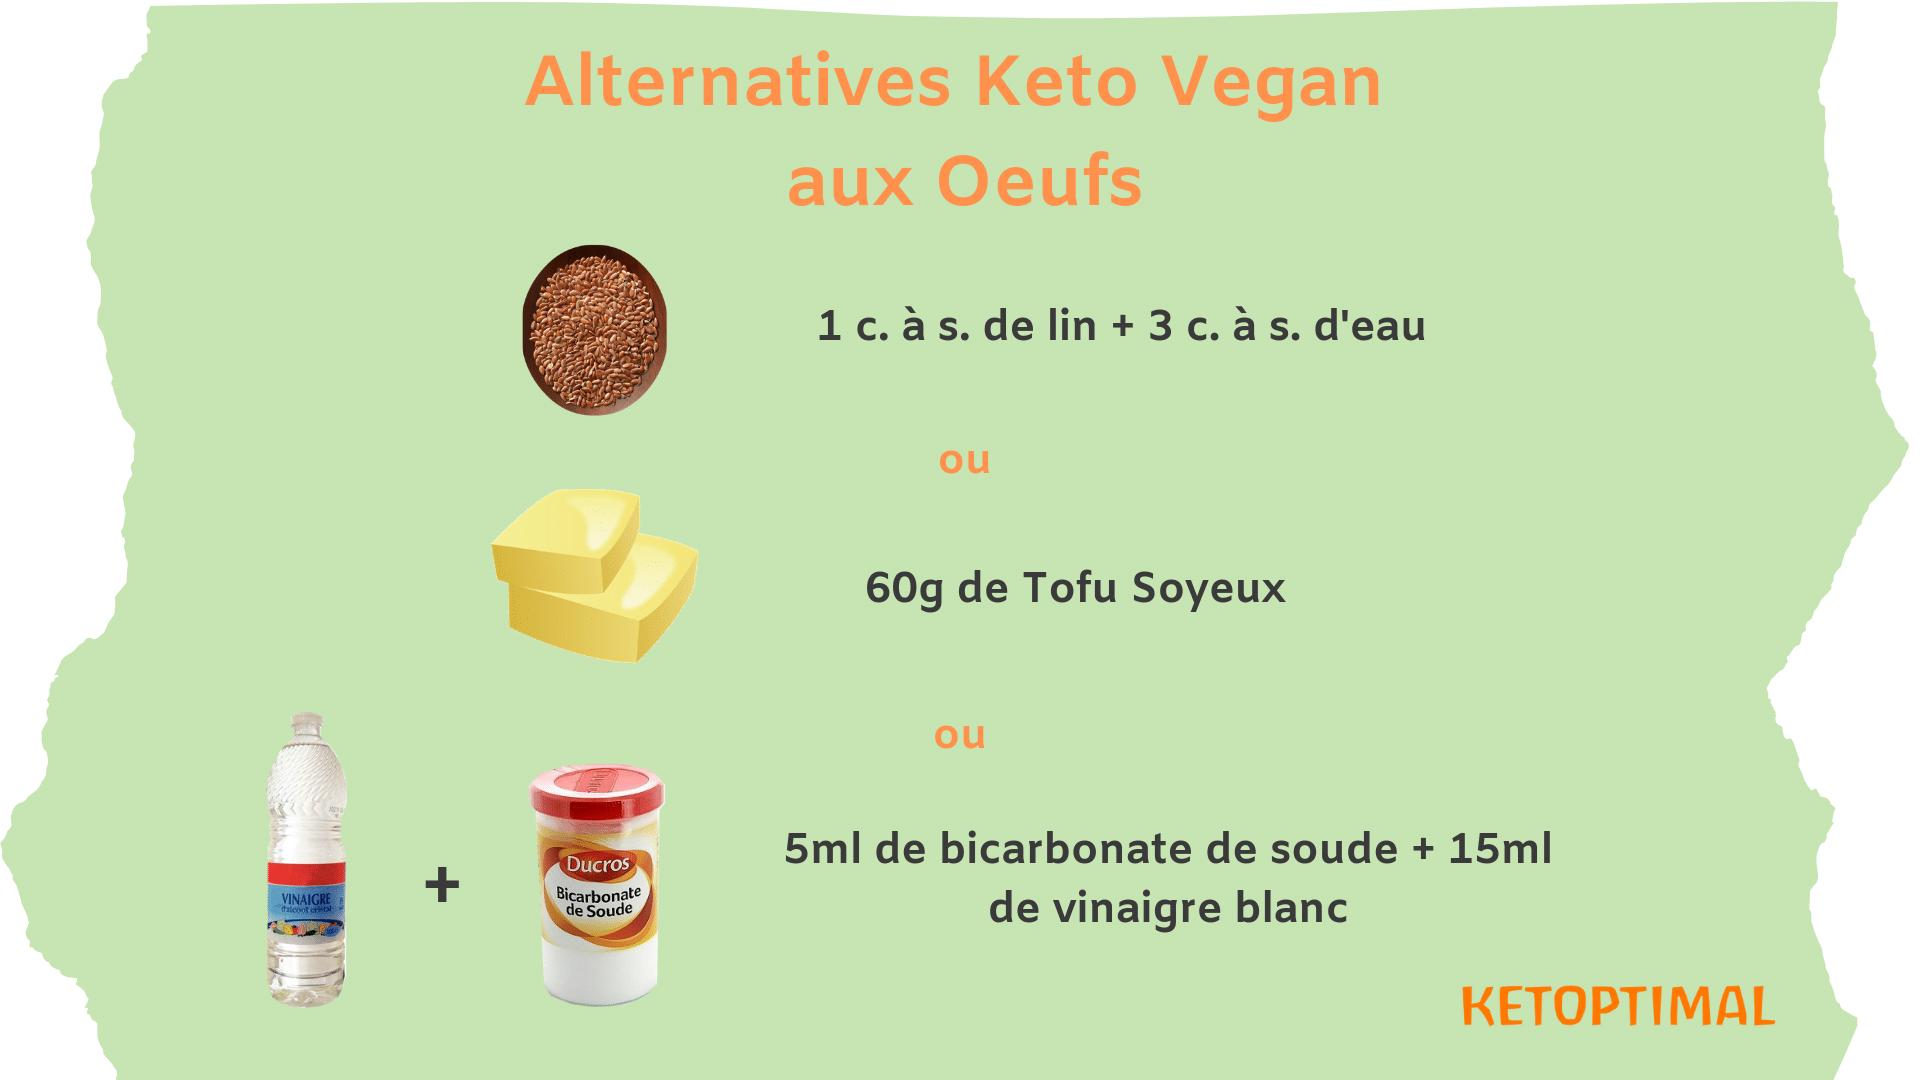 keto diet, régime keto, régime cétogène, diète keto, diète cétogène, alimentation keto, alimentation cétogène, ketoptimal, alternatives keto aux oeufs, vegan, régime vegan keto